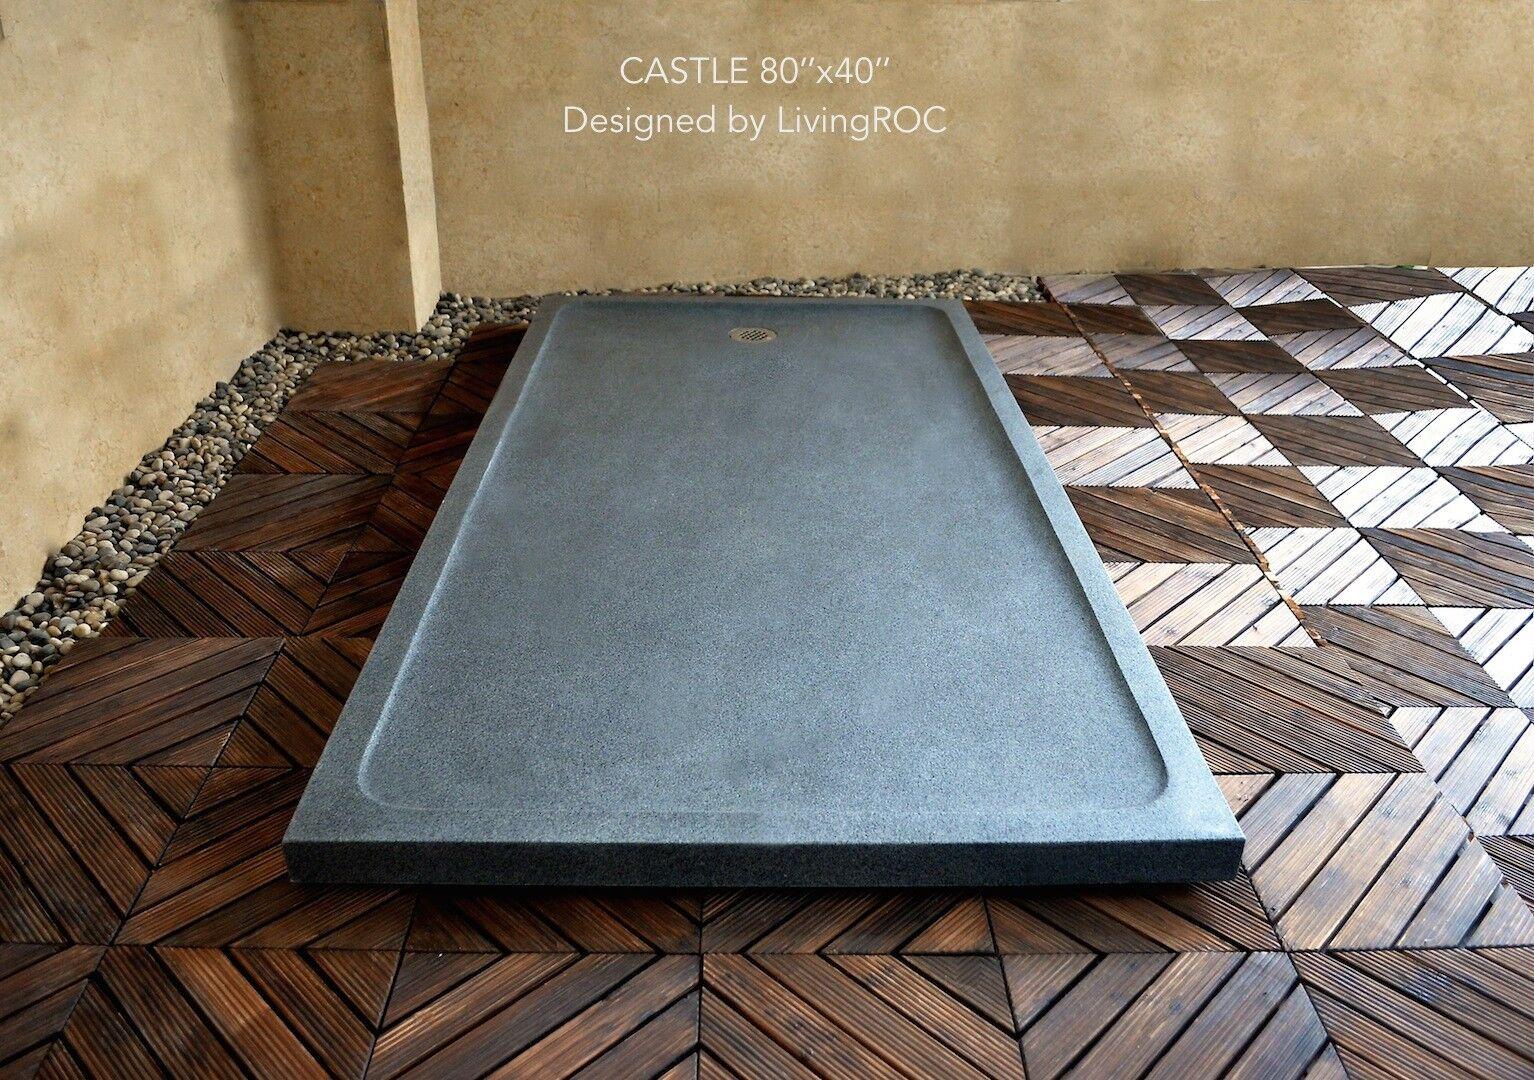 LivingRoc Receveur de douche Pierre geant 200x100 taille dans le granit CASTLE